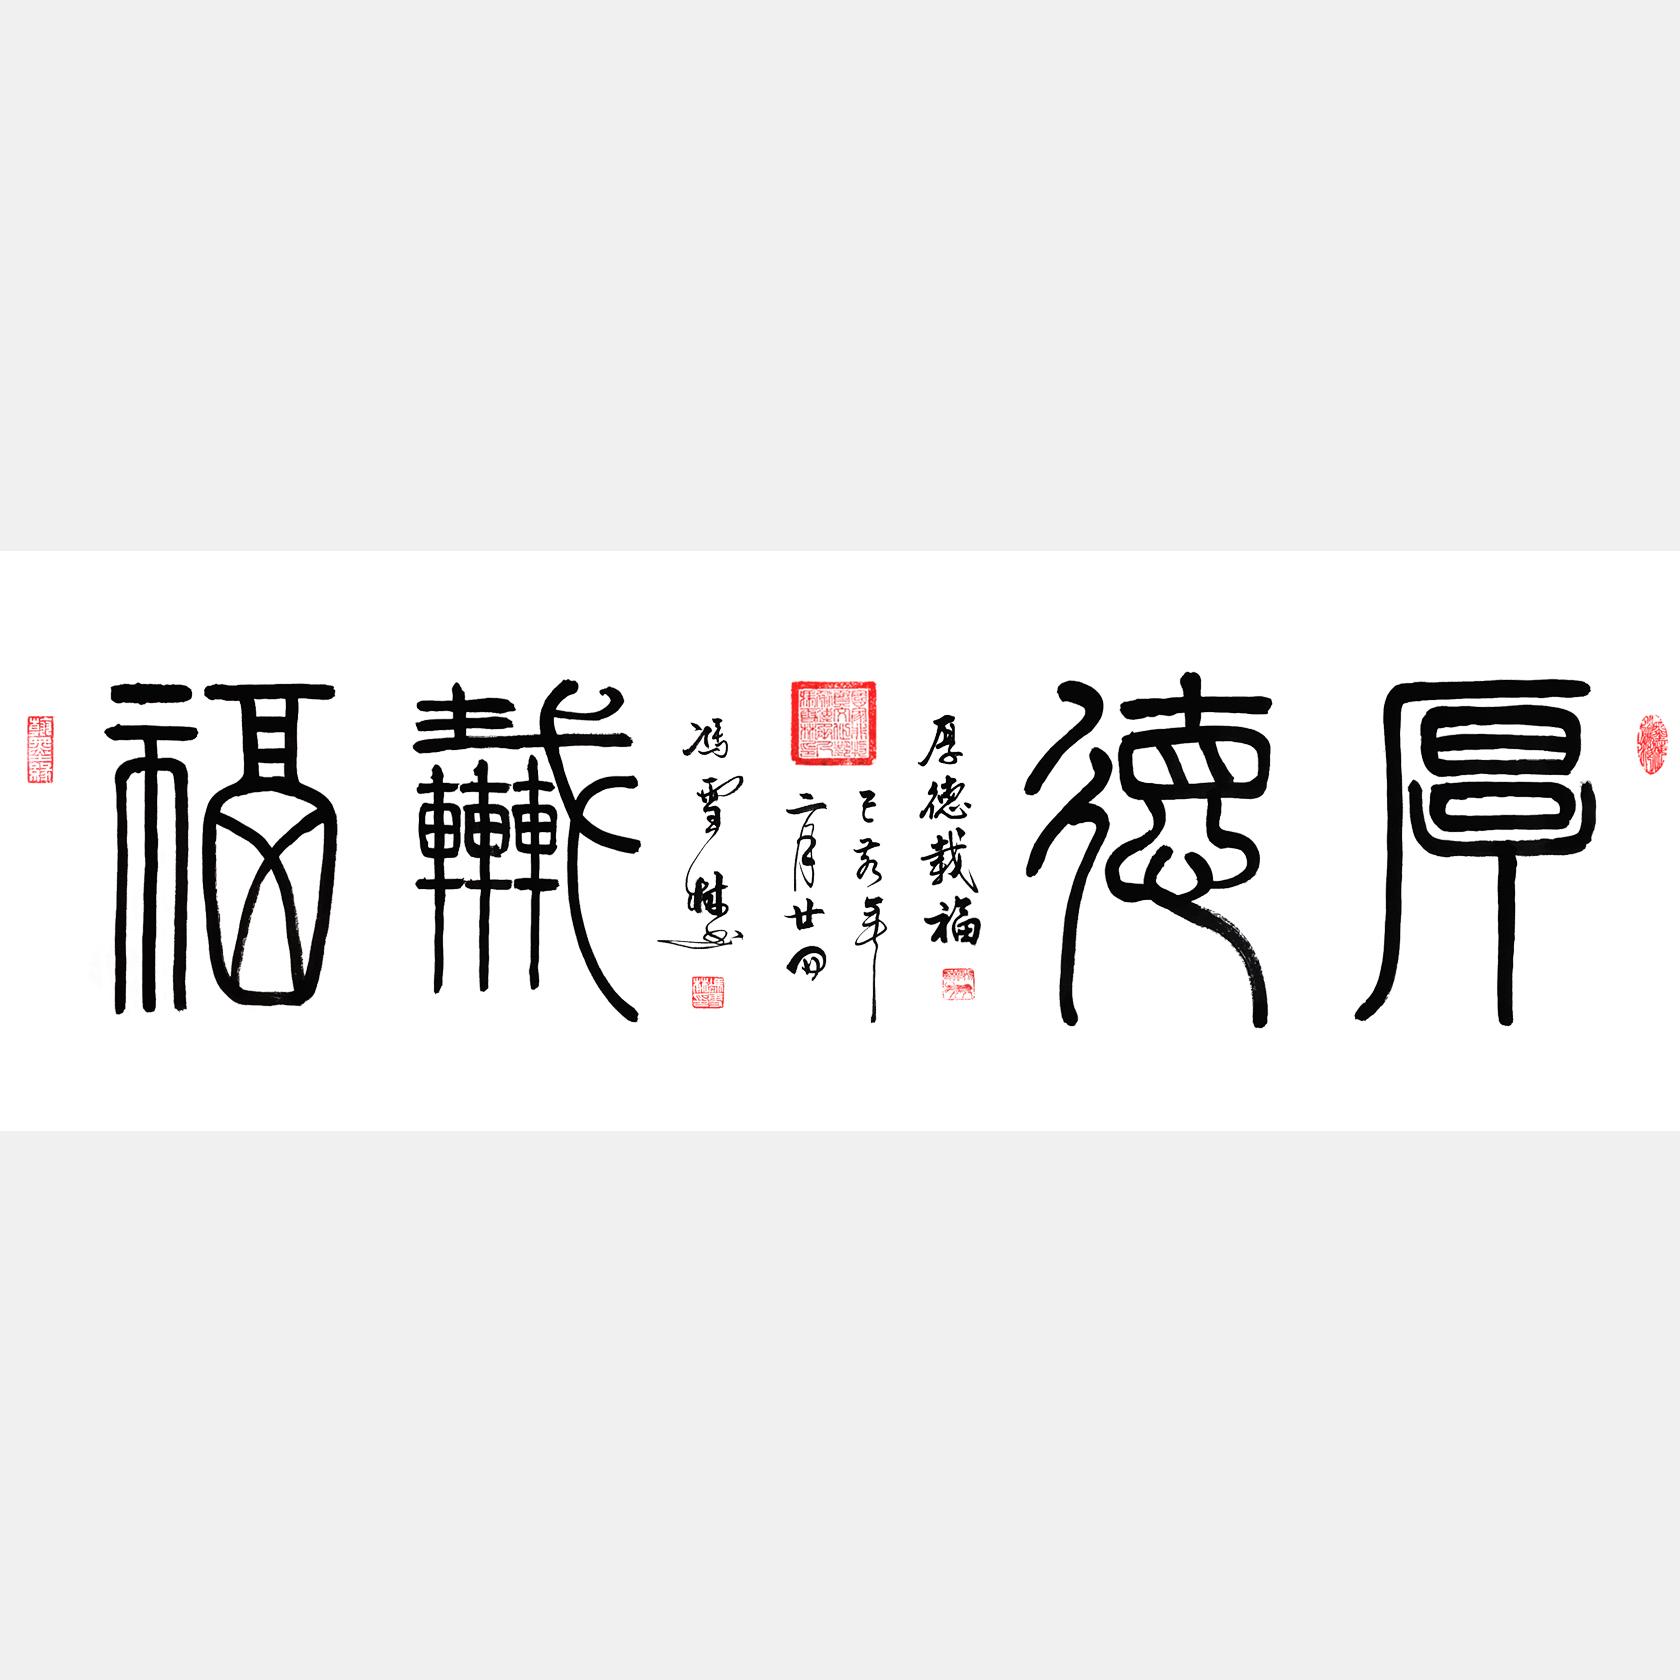 厚德载福书法作品 厚德载福书法字画 篆书四尺横幅